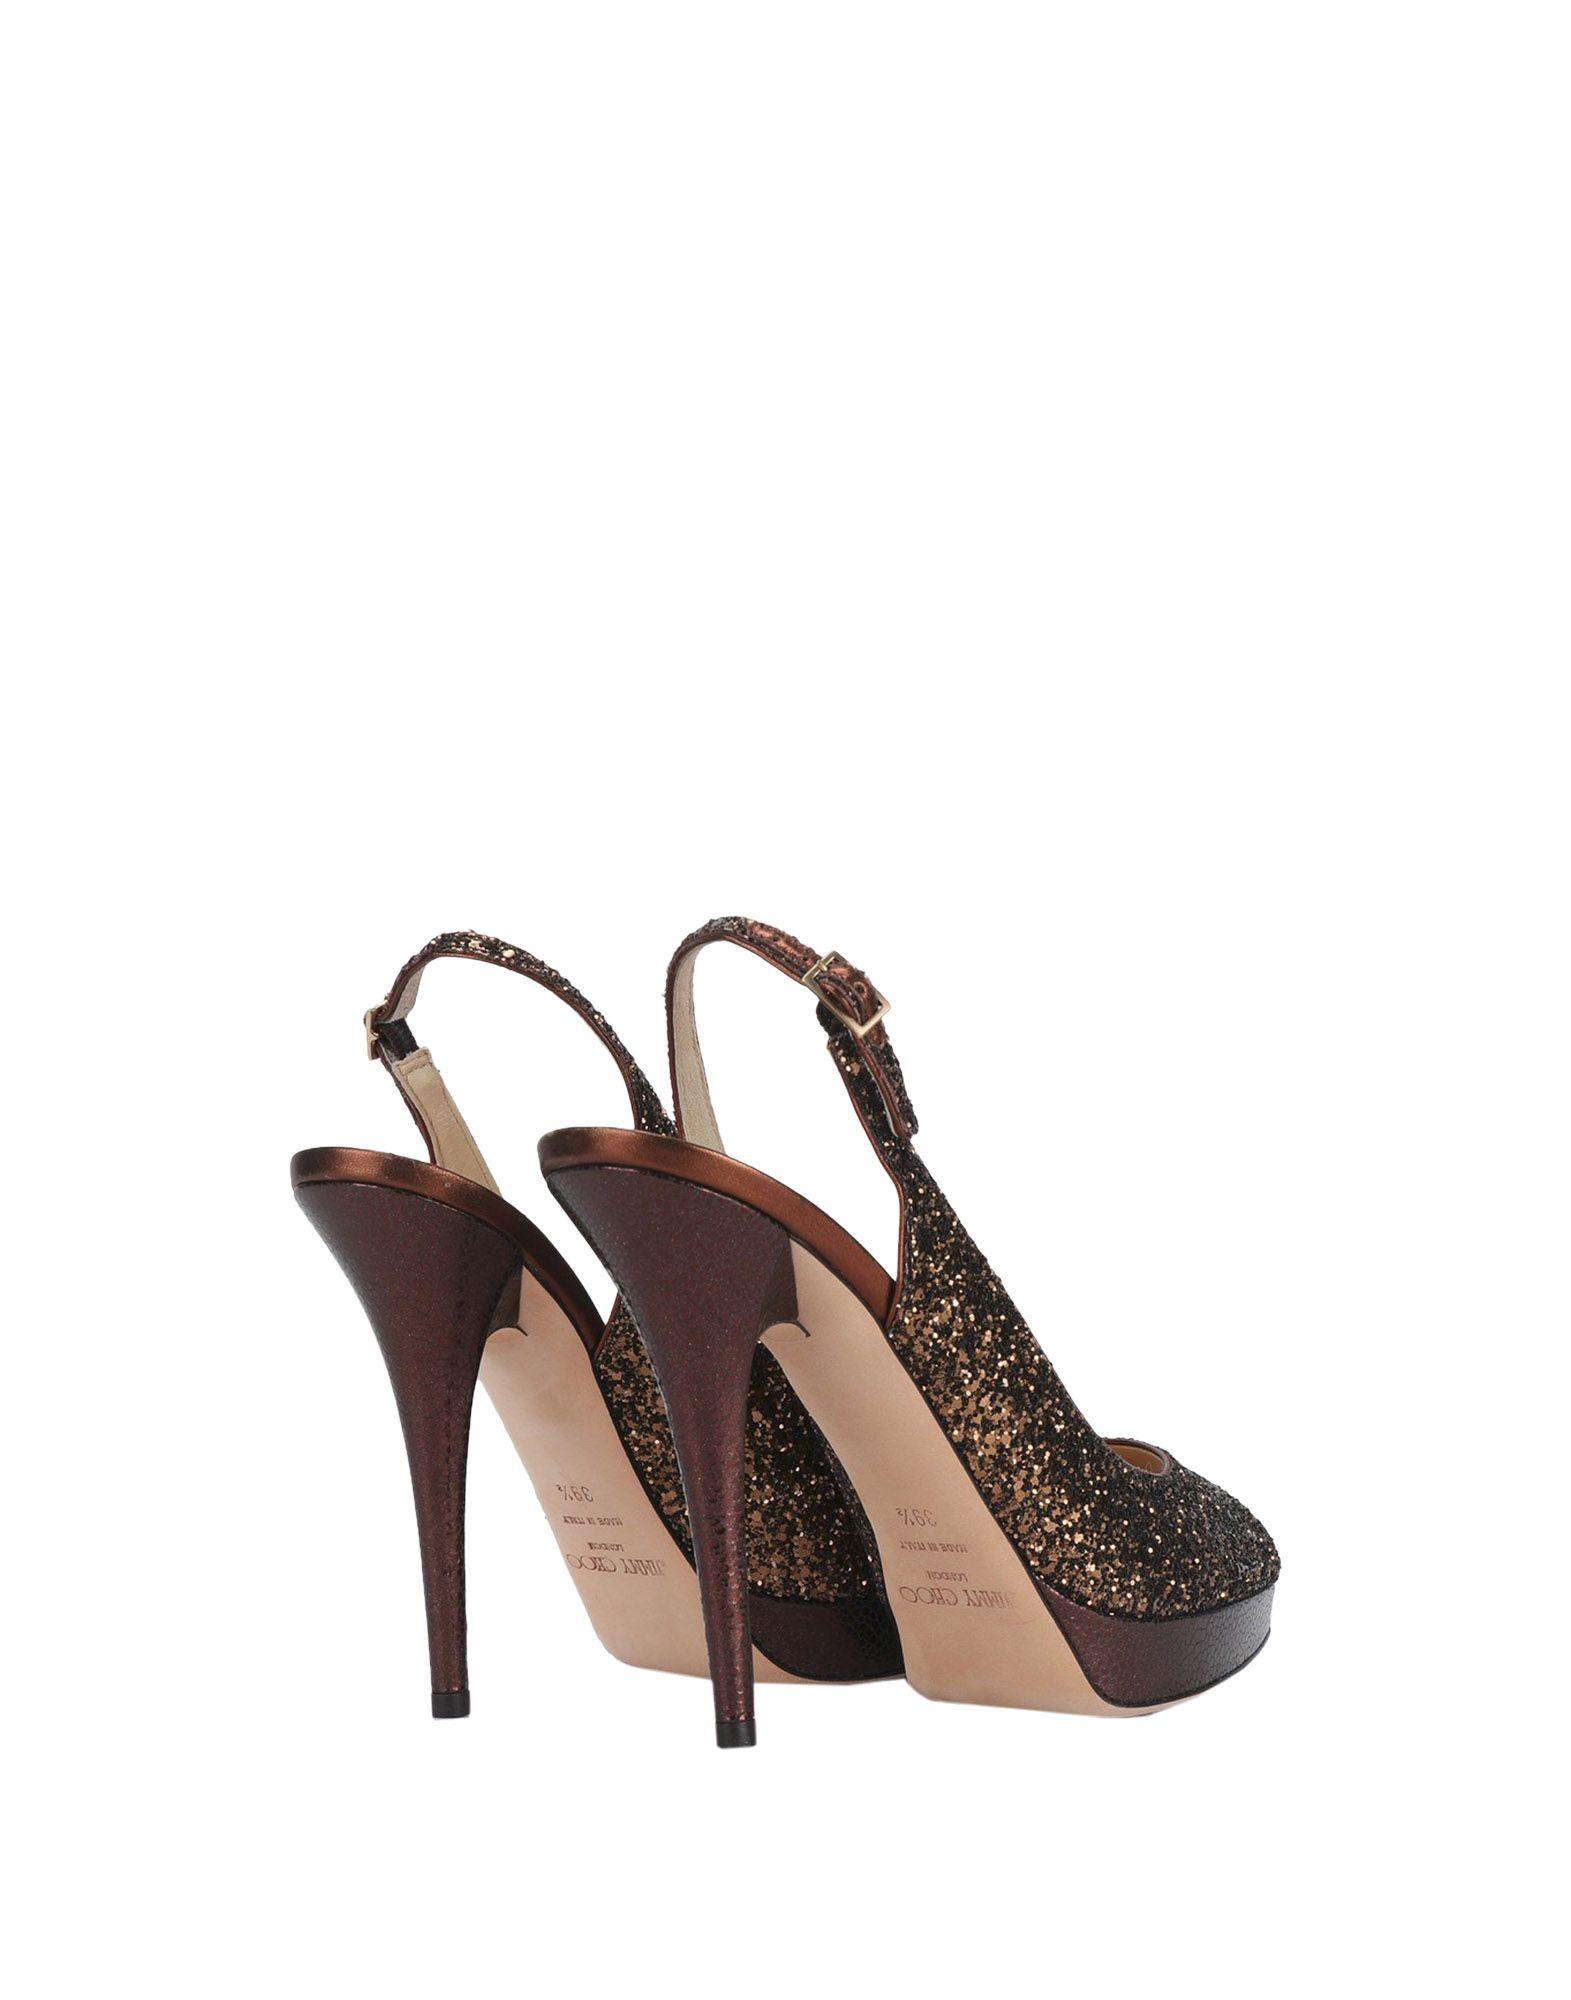 Klassischer Stil-2883,Jimmy Choo es Sandalen Damen Gutes Preis-Leistungs-Verhältnis, es Choo lohnt sich 719d66